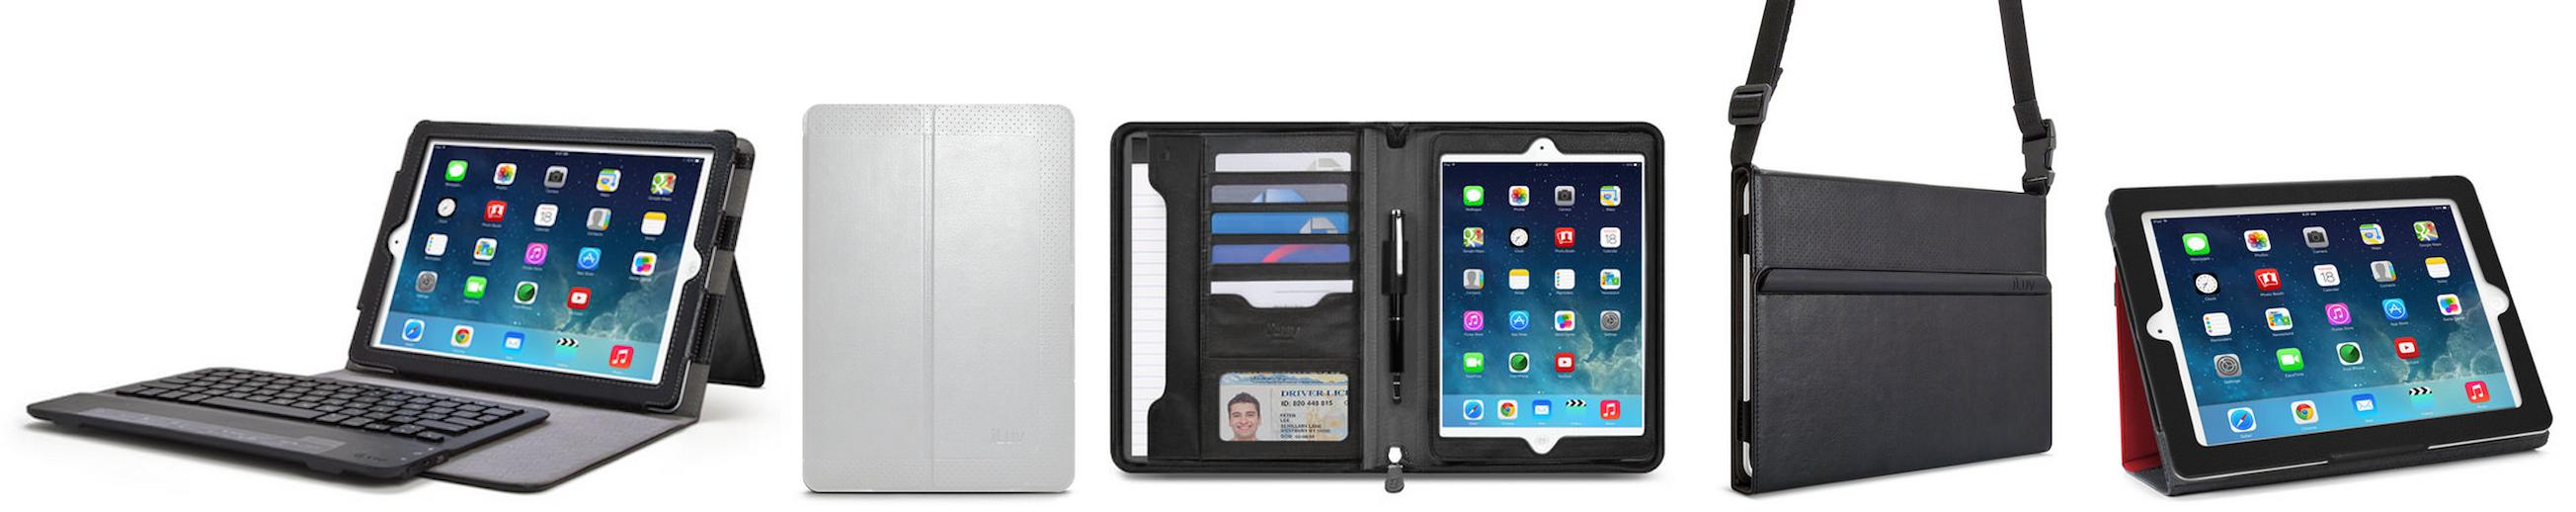 iLuv-iPad-Air-cases